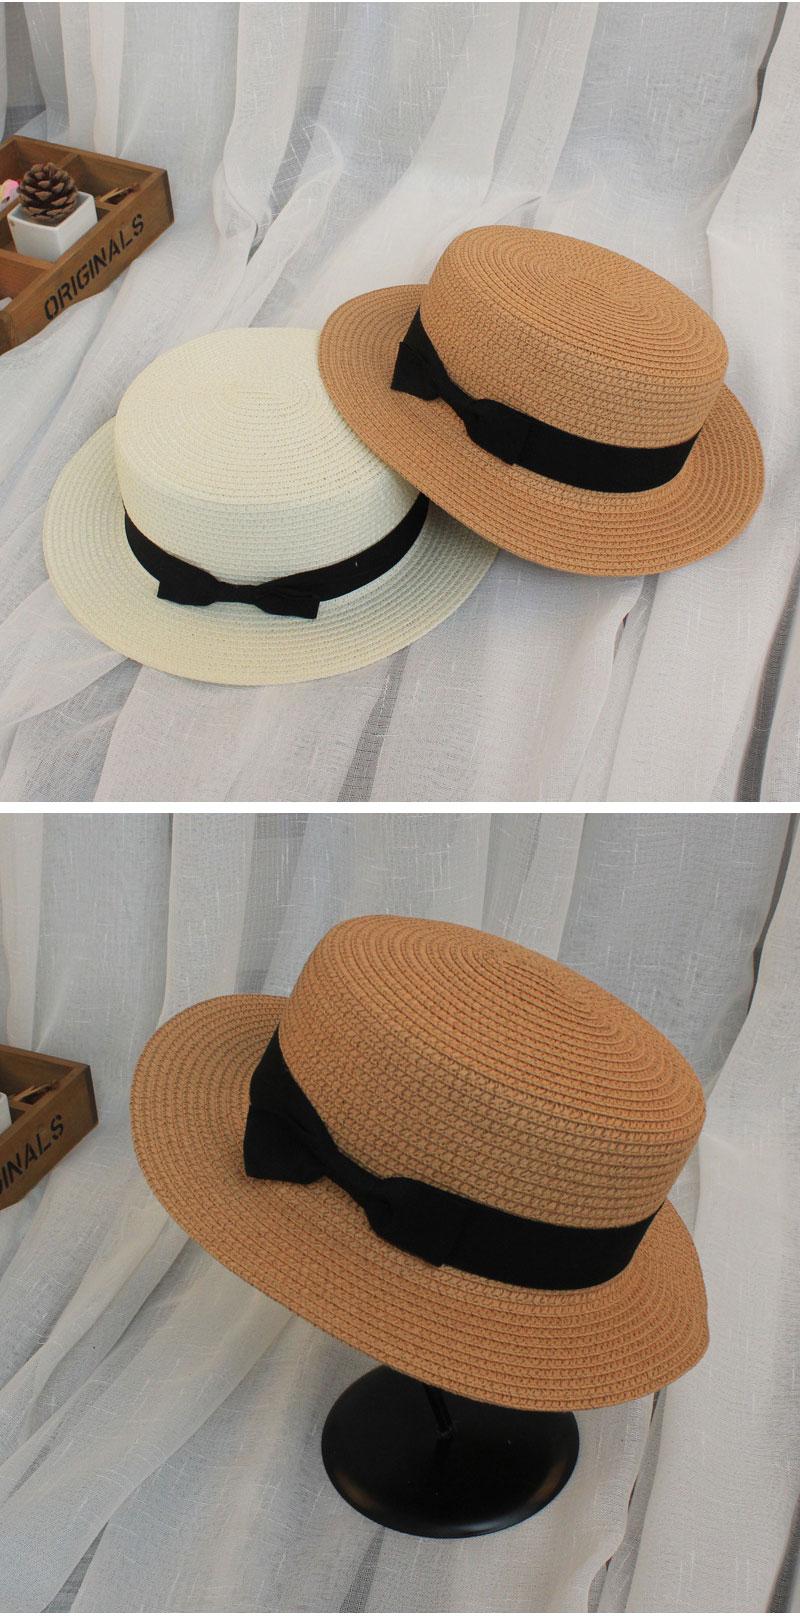 67e73f0379c7a 2019 Summer Sun Hats Sunscreen Straw Hat Female Visor Shopping Beach ...